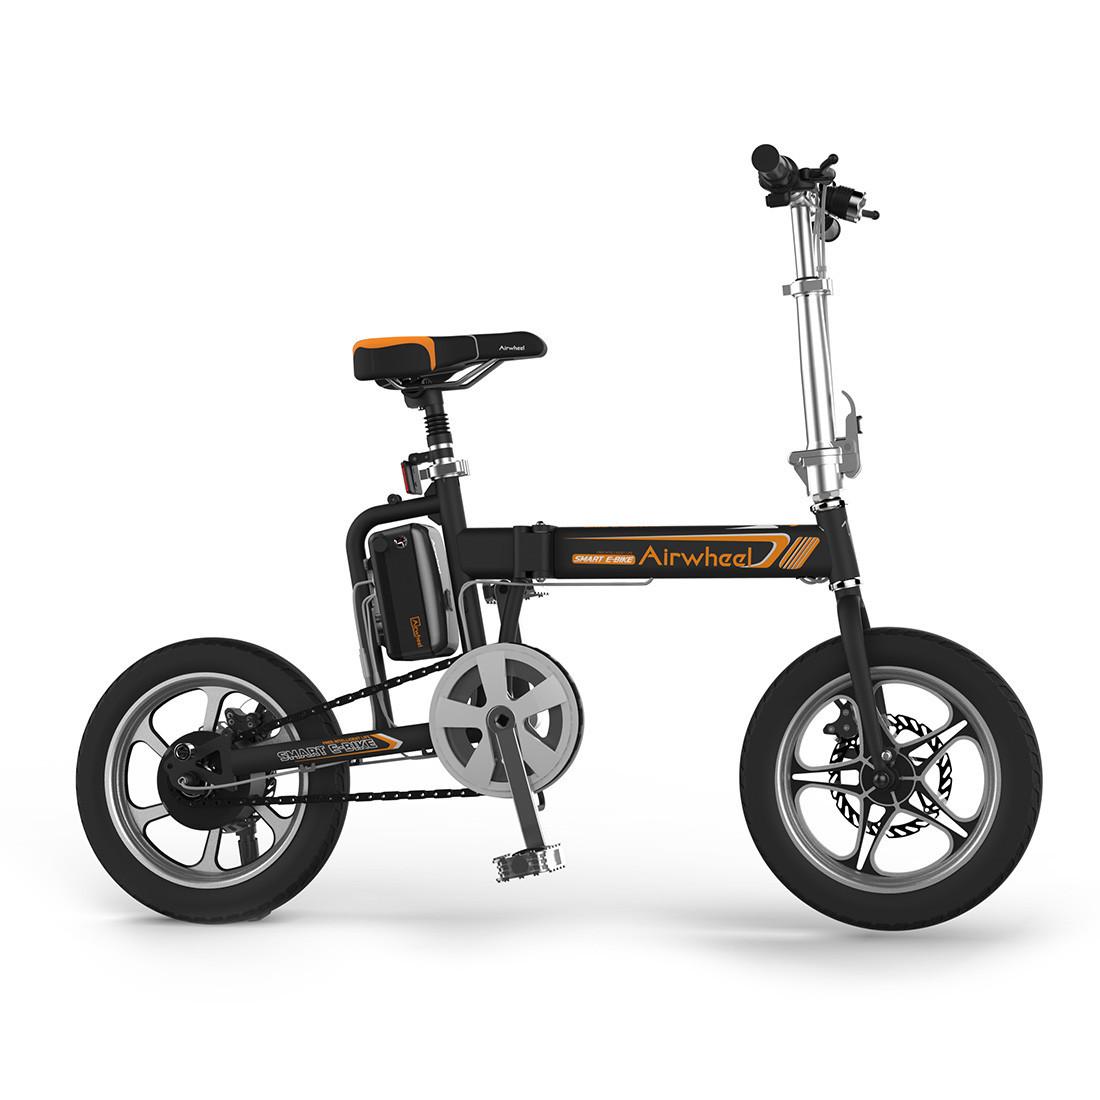 Велосипед электрический Airwheel R5B, Скорость (max.): 20 км/ч, Запас хода: 40 км, Нагрузка: 100 кг, Угол подъ